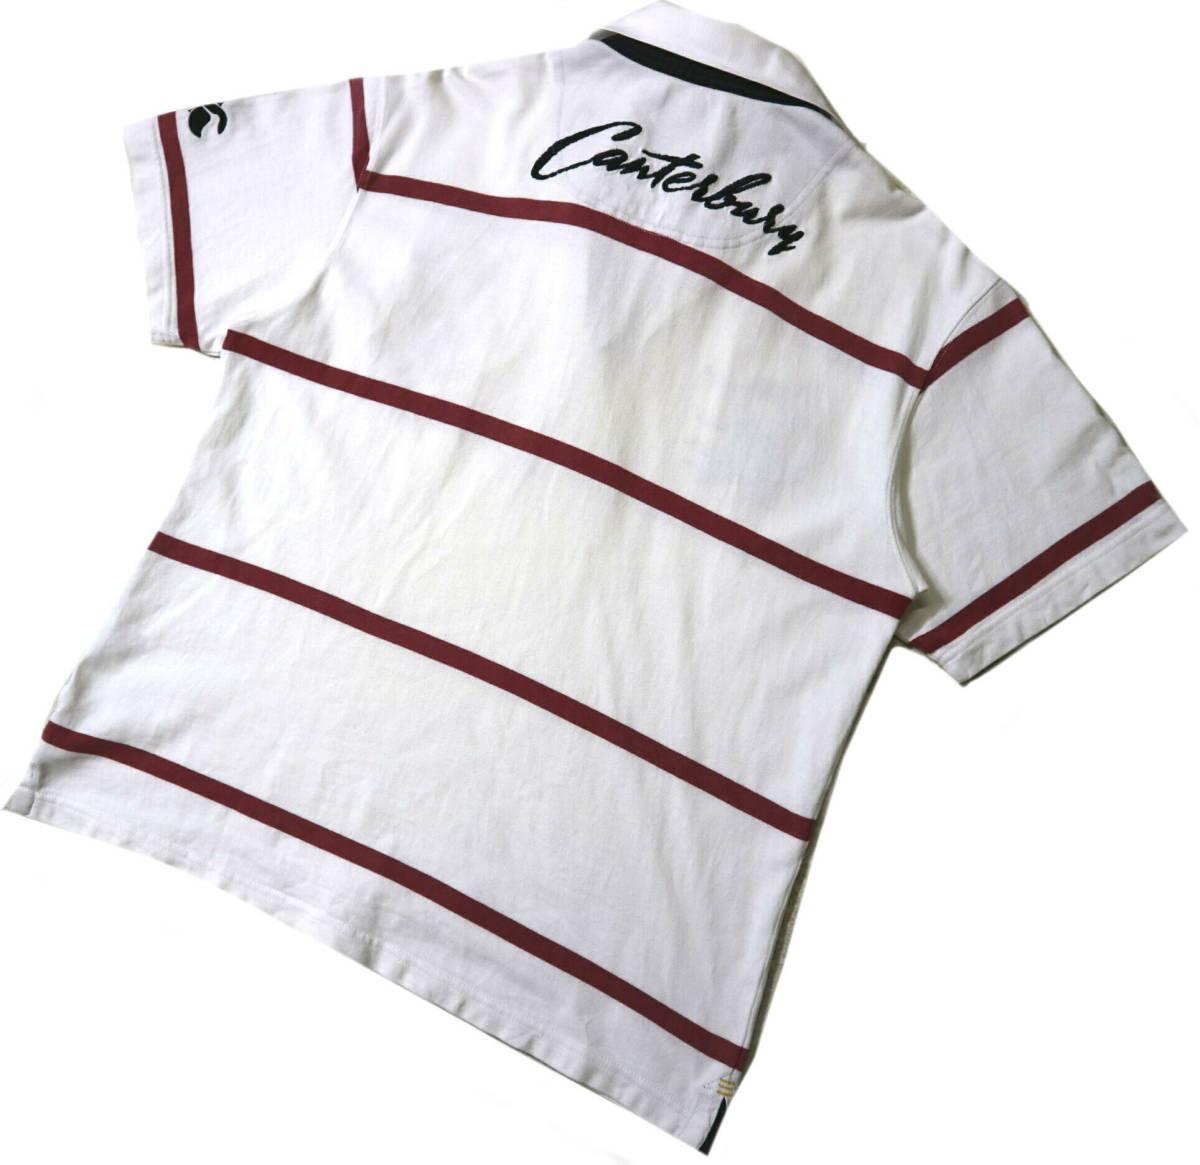 訳あり(薄汚れ)/良好!◆カンタベリー 刺繍ロゴ 綿100地 ラガーシャツ◆Mサイズ_画像2